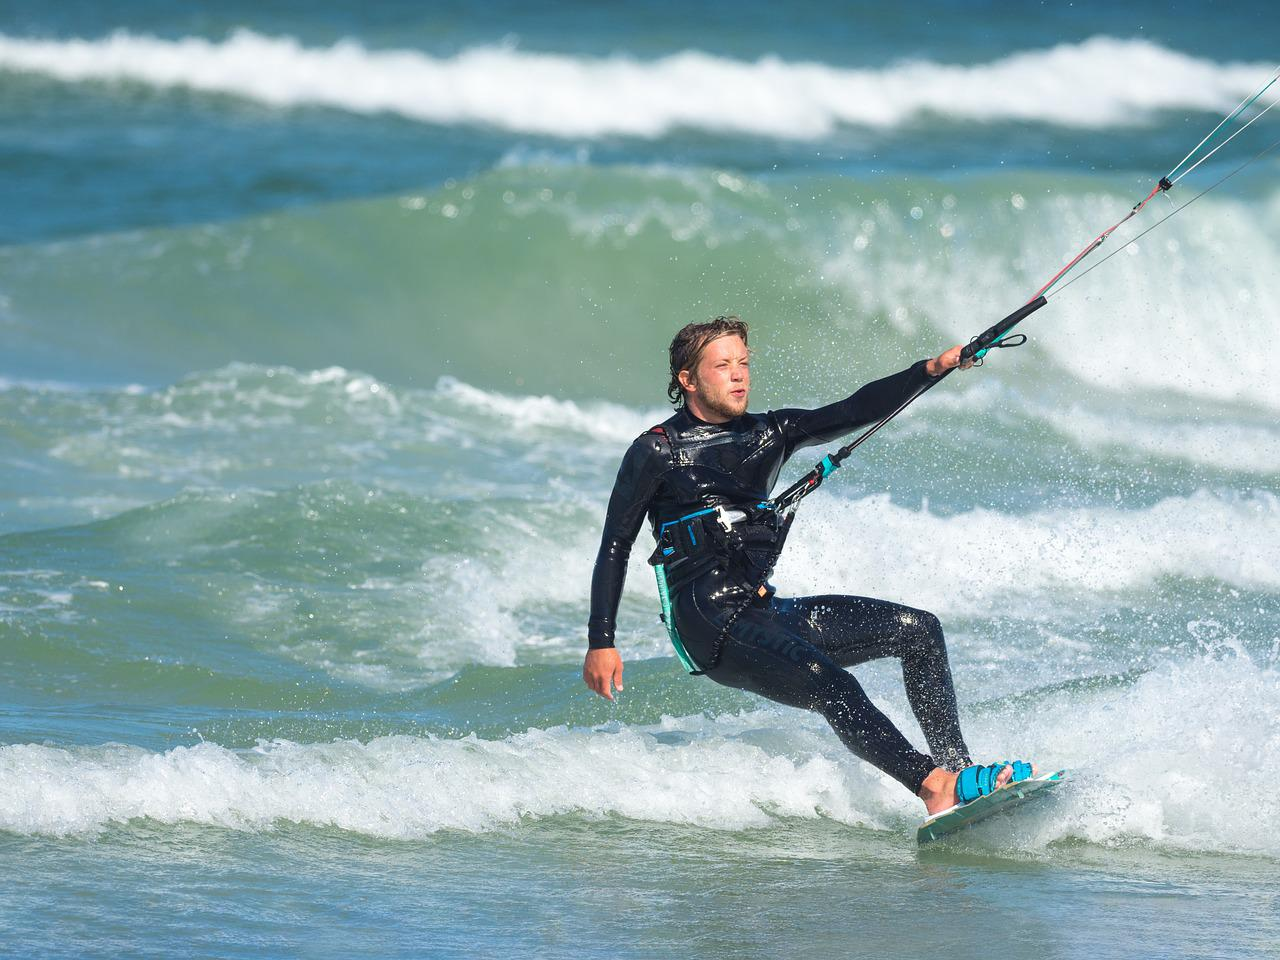 варианты планировки, серфинг змей фото недавно честь